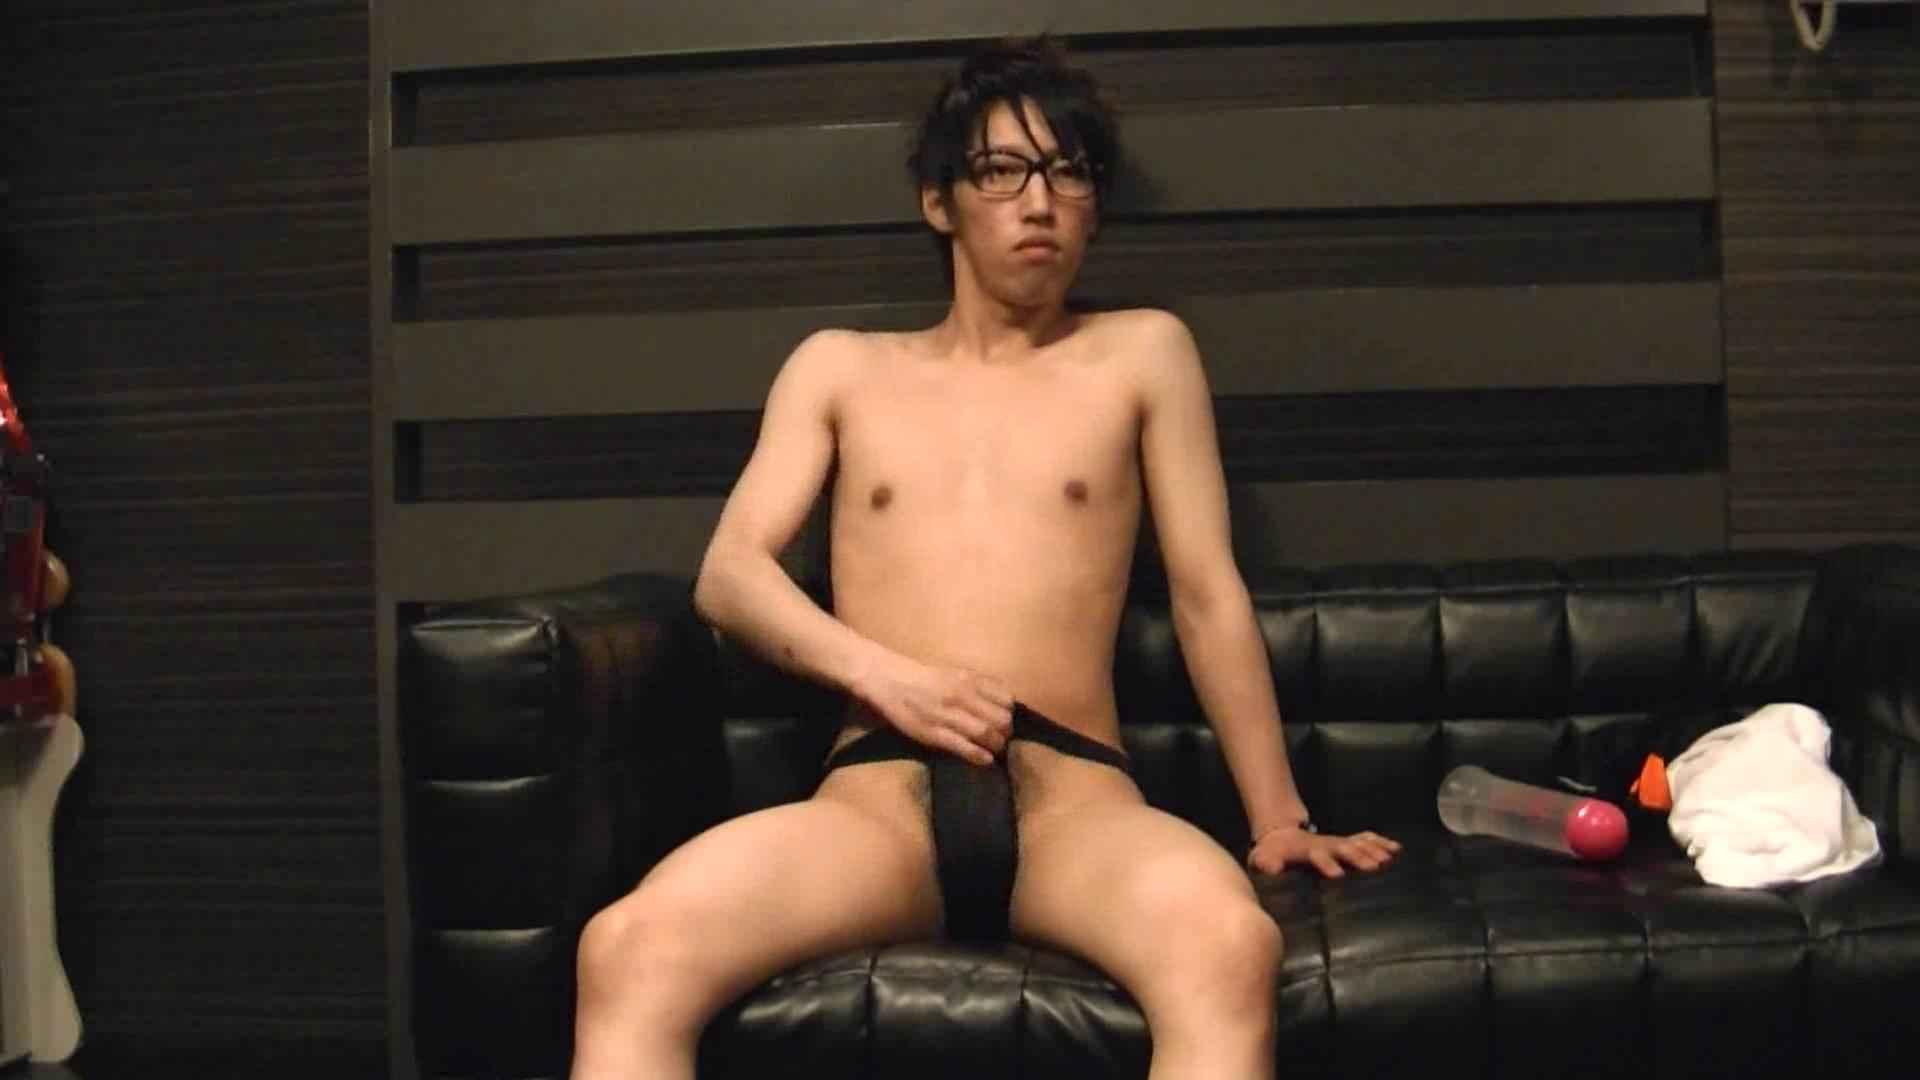 ONA見せカーニバル!! Vol3 男の世界  98画像 34